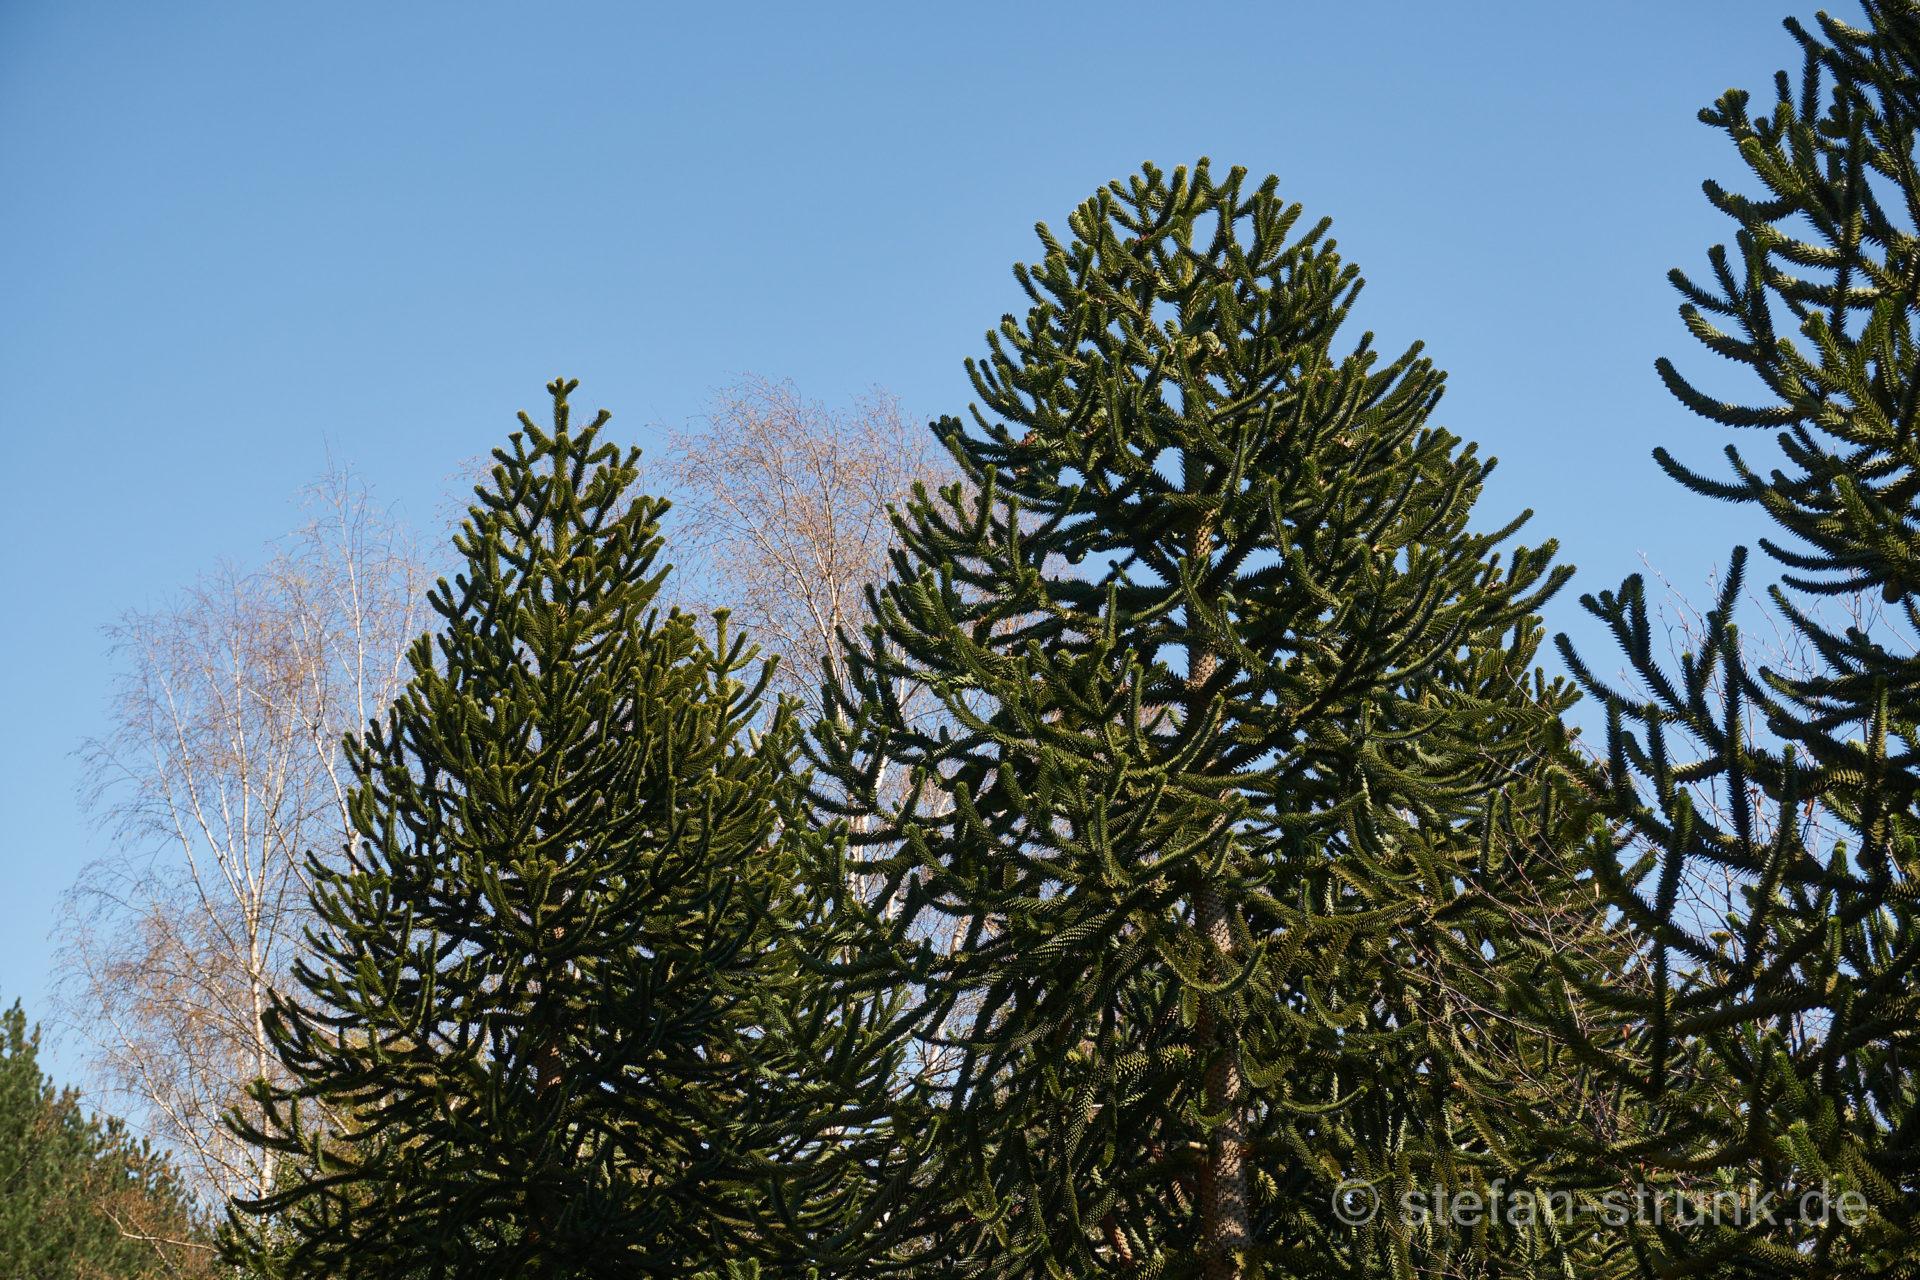 Arboretum Burgholz